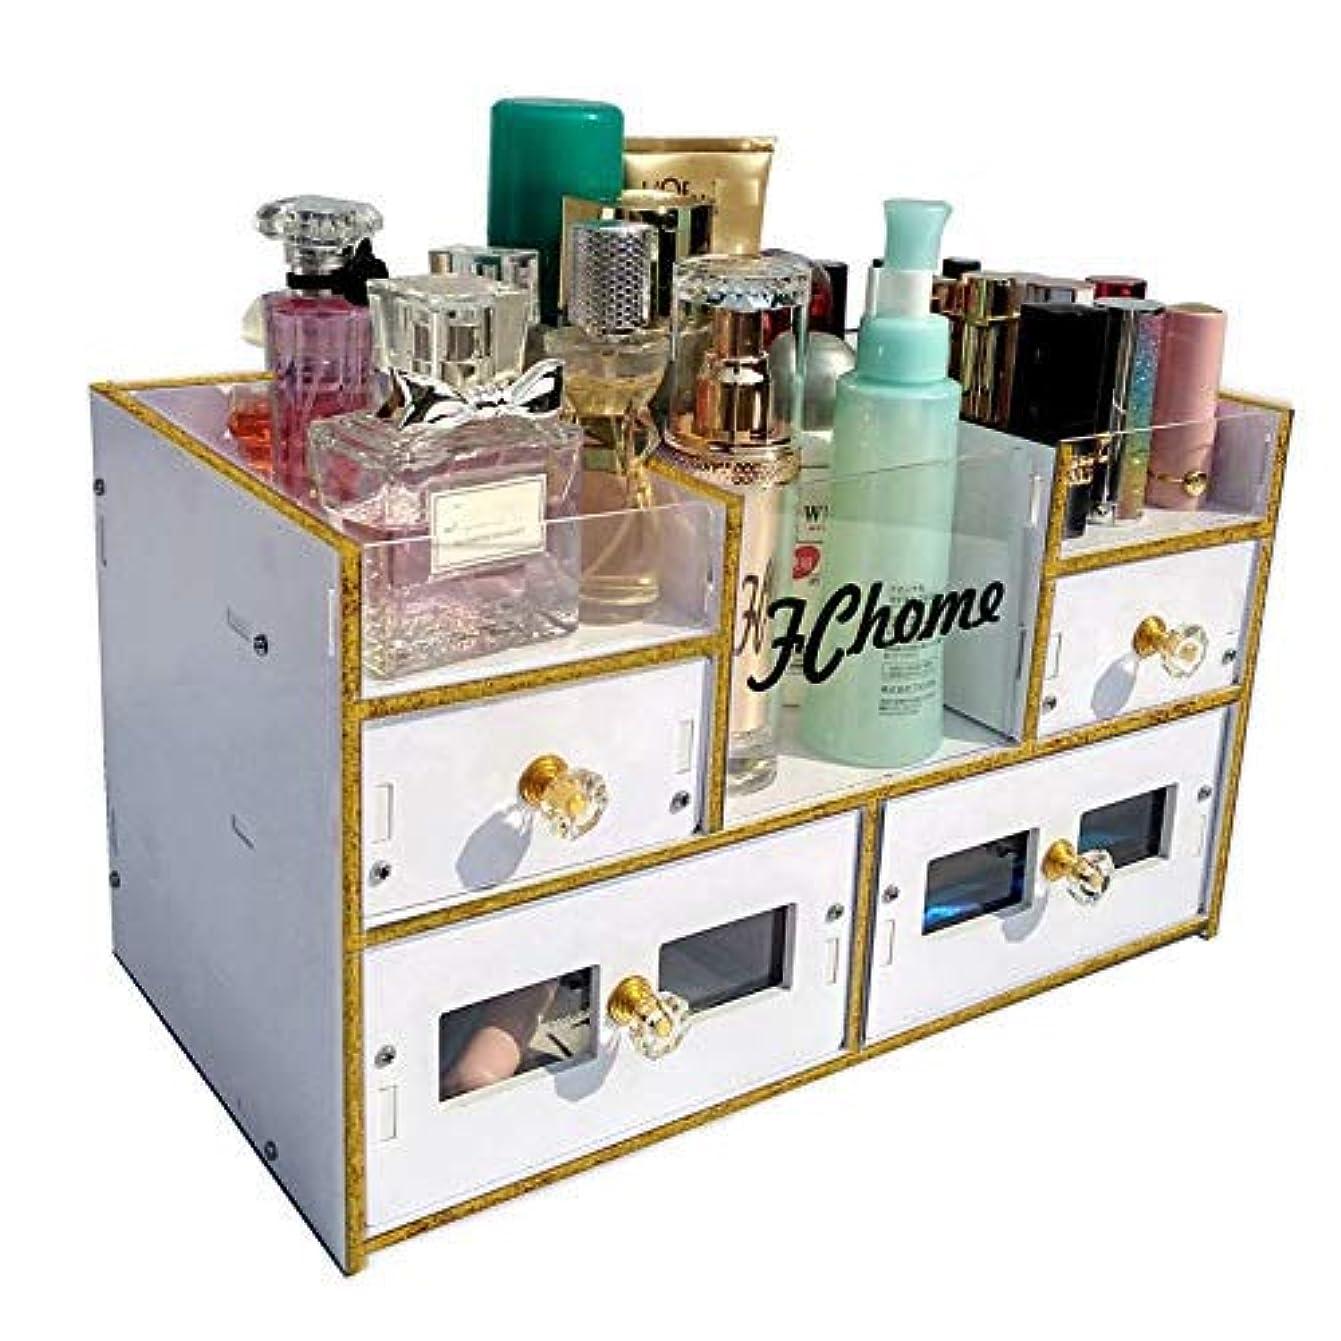 母音嫉妬シャワーFChome化粧オーガナイザー、4引き出しアクリルおよびPVC化粧品収納ケースジュエリー、化粧ブラシ、口紅などの大容量多機能収納コンテナボックス(ゴールド)